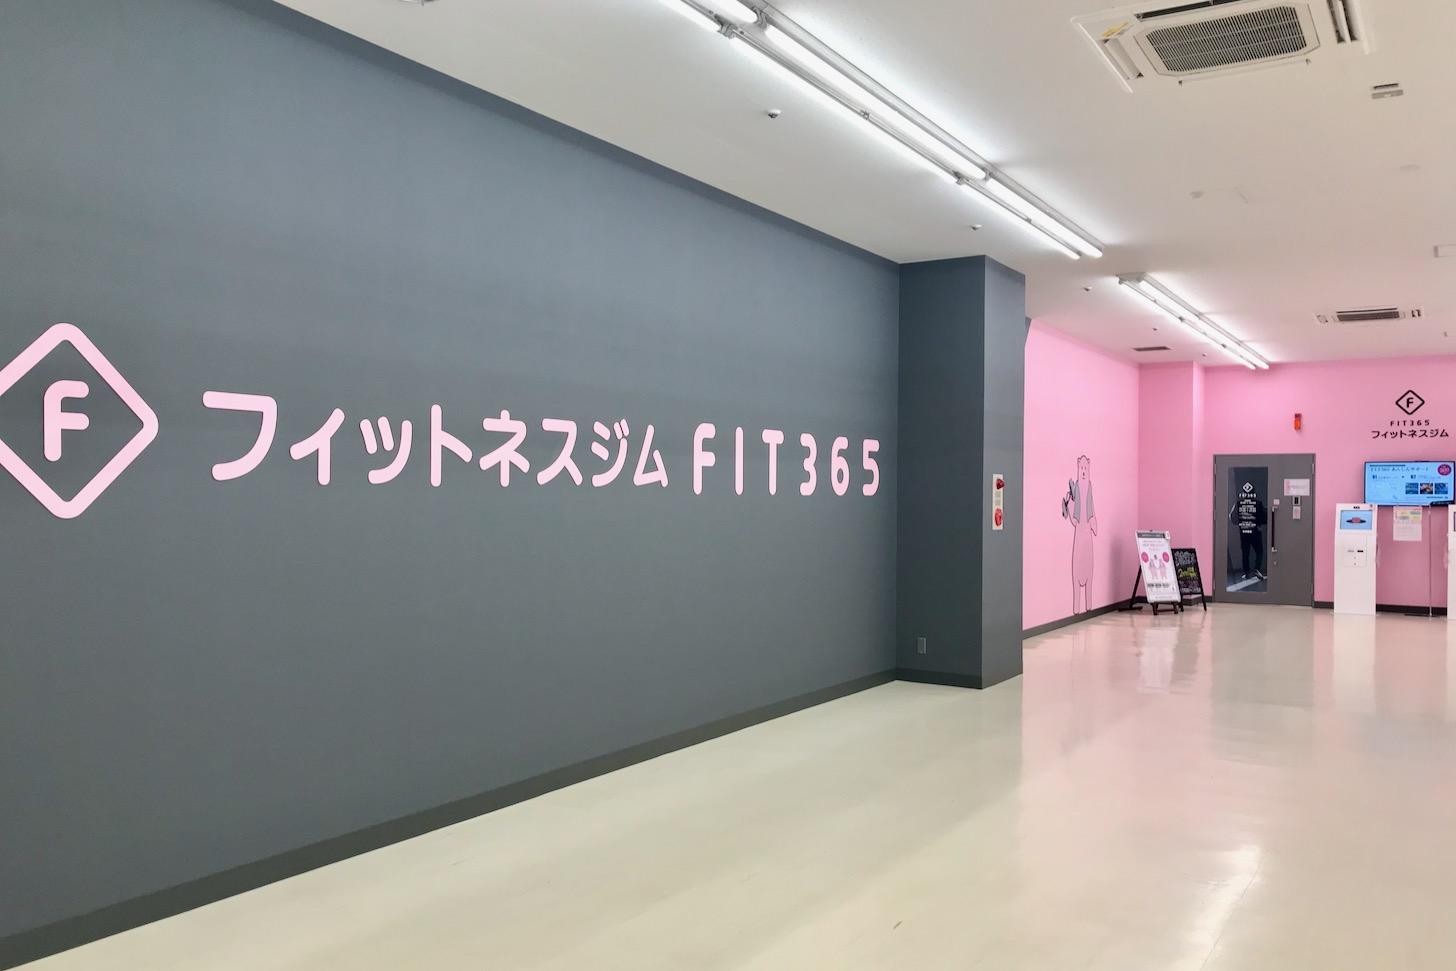 ジム fit365 フィットネス